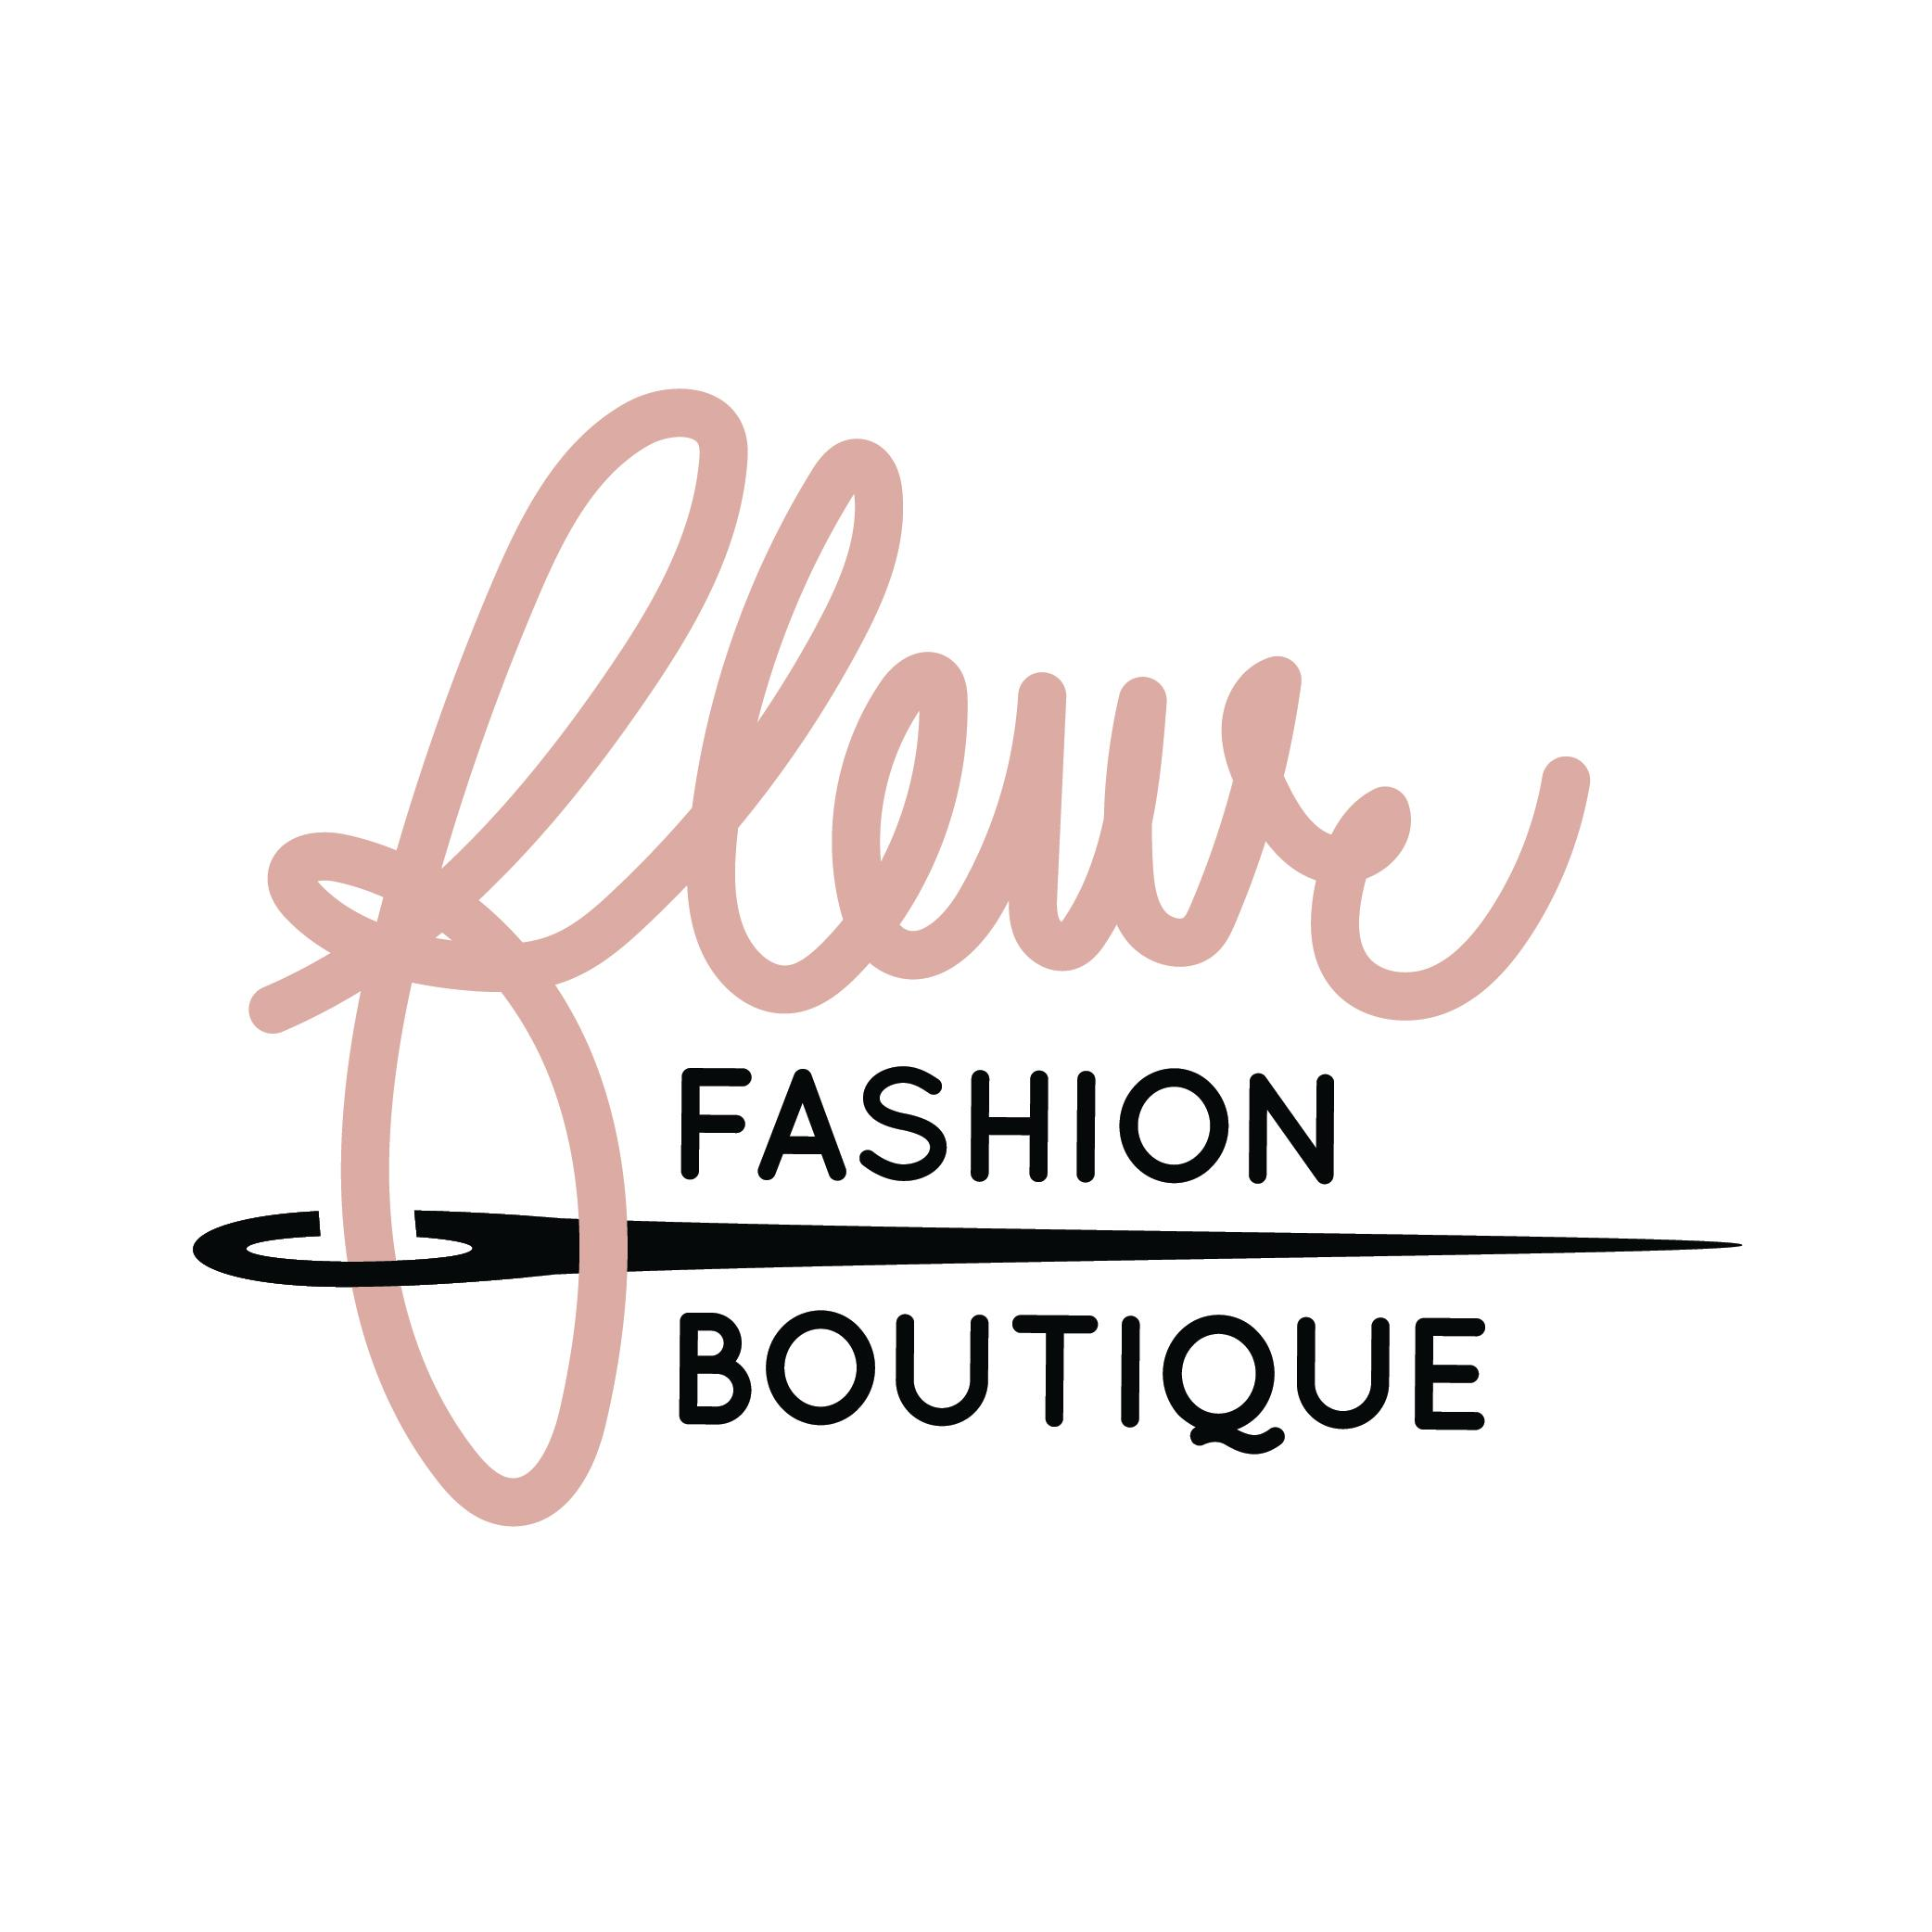 Fleur Fashion Boutique image 8